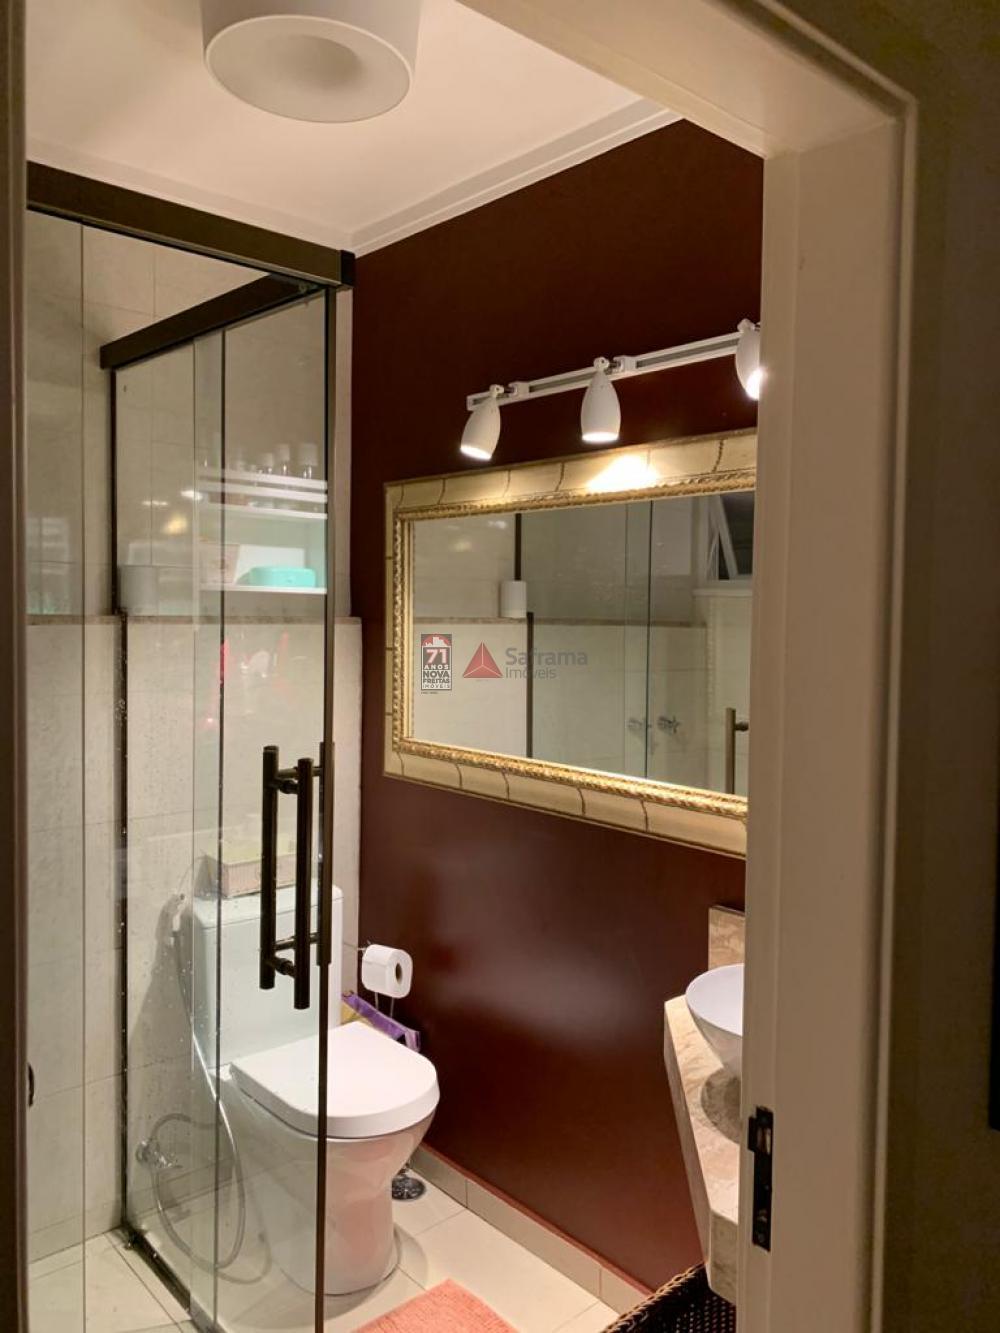 Comprar Apartamento / Padrão em São José dos Campos apenas R$ 580.000,00 - Foto 13